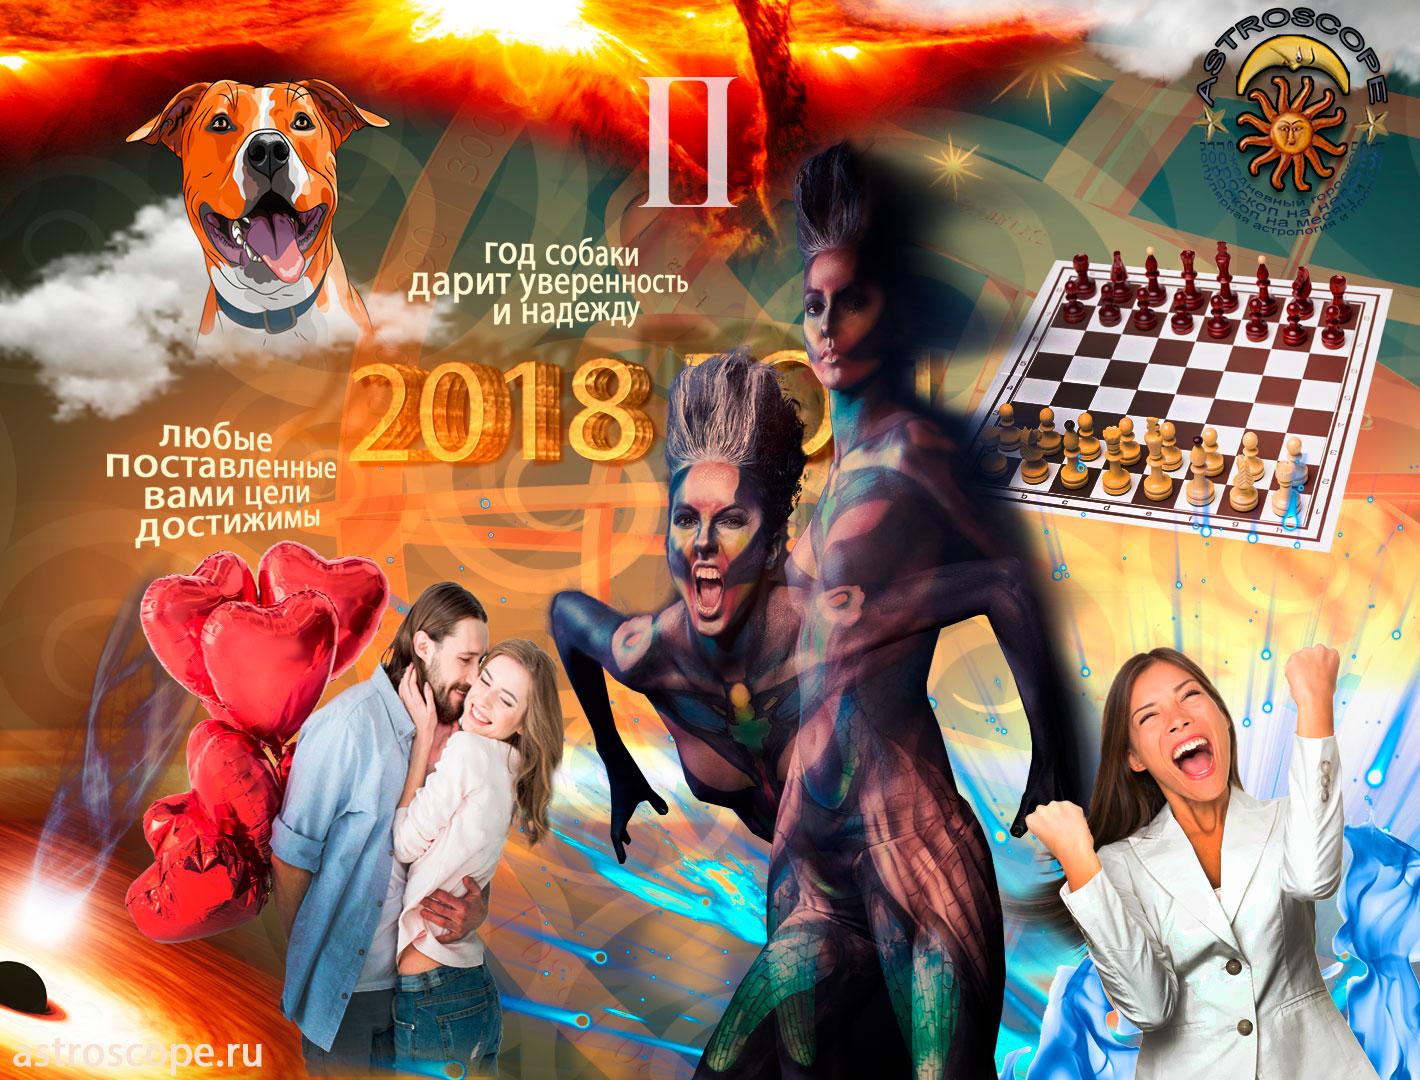 Гороскоп на 2018 год Близнецы, астрологический прогноз на 2018 год для Близнецов